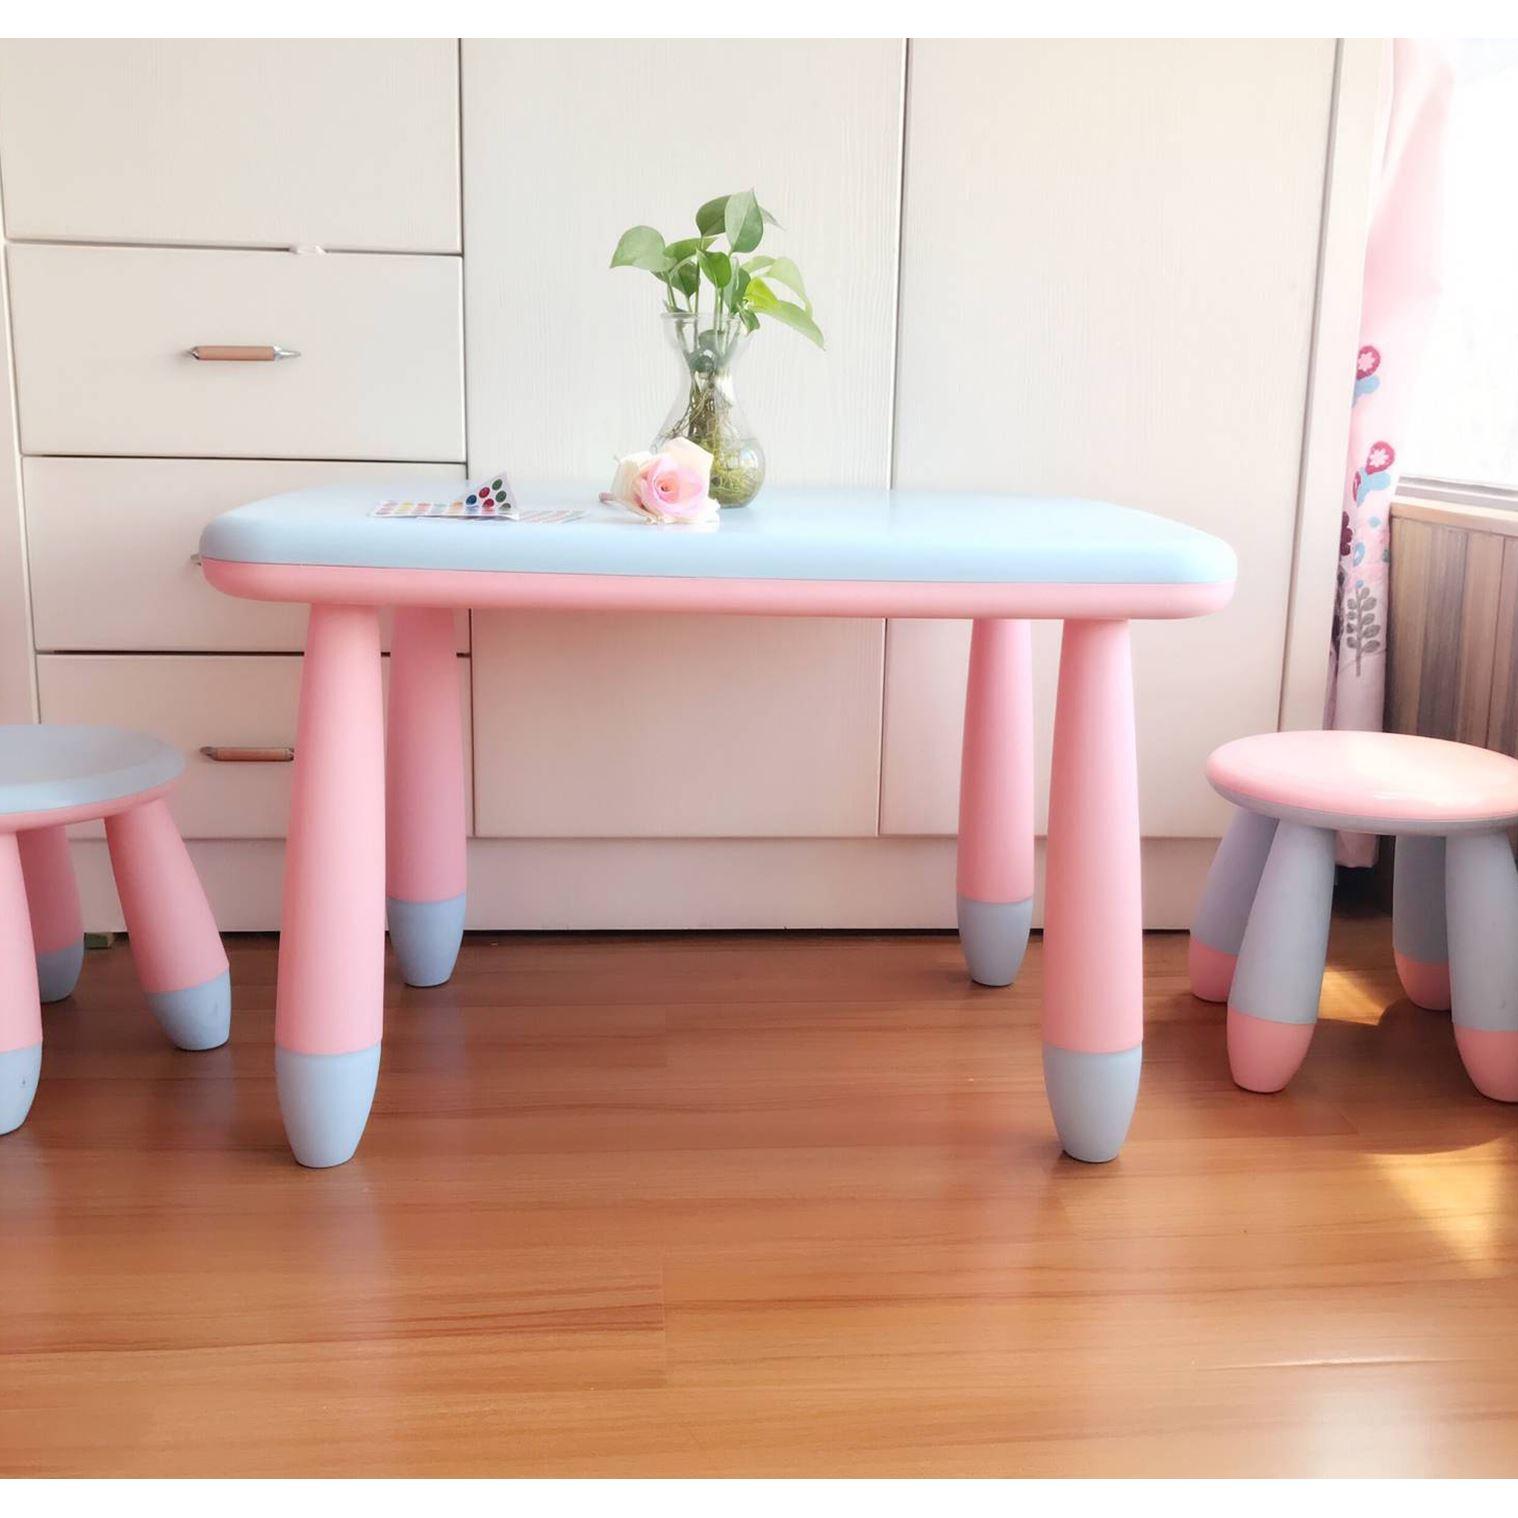 【麦兔】【防滑】幼儿园桌椅宝宝桌椅儿童塑料桌孩子学习桌书桌